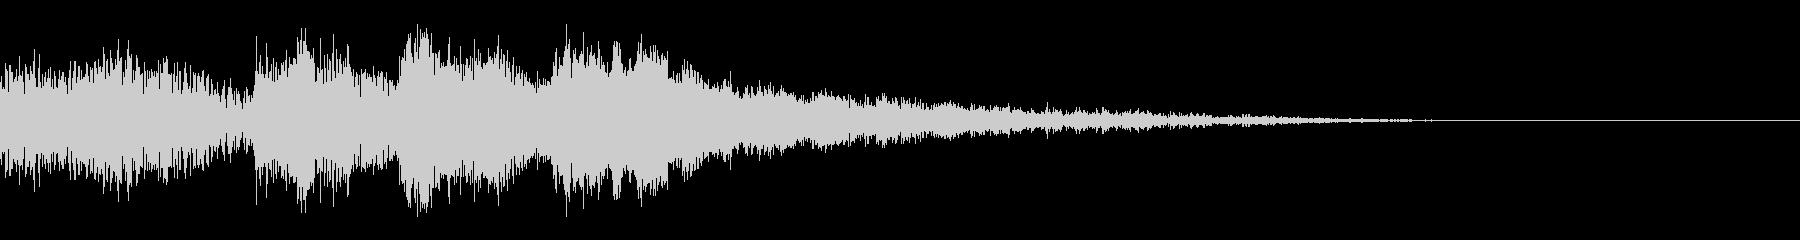 サウンドノベル02の未再生の波形